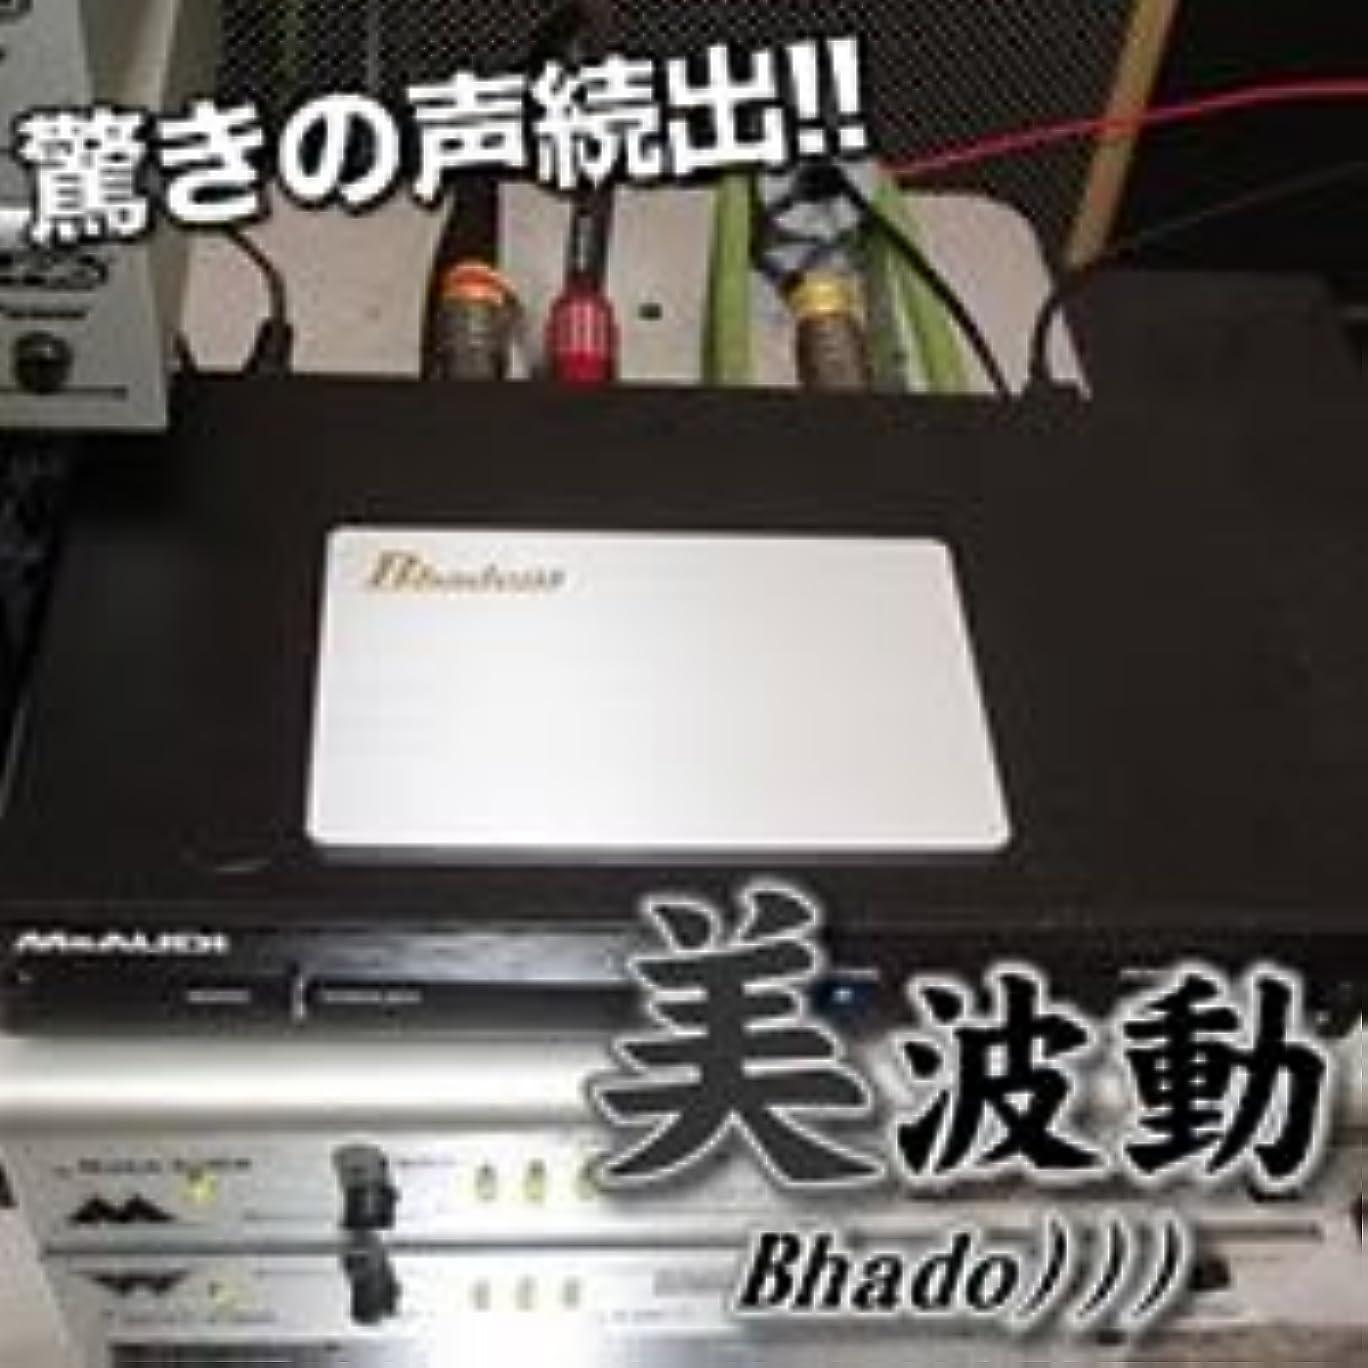 ビヨンフェザー晩餐Bhado)))(美波動)多機能